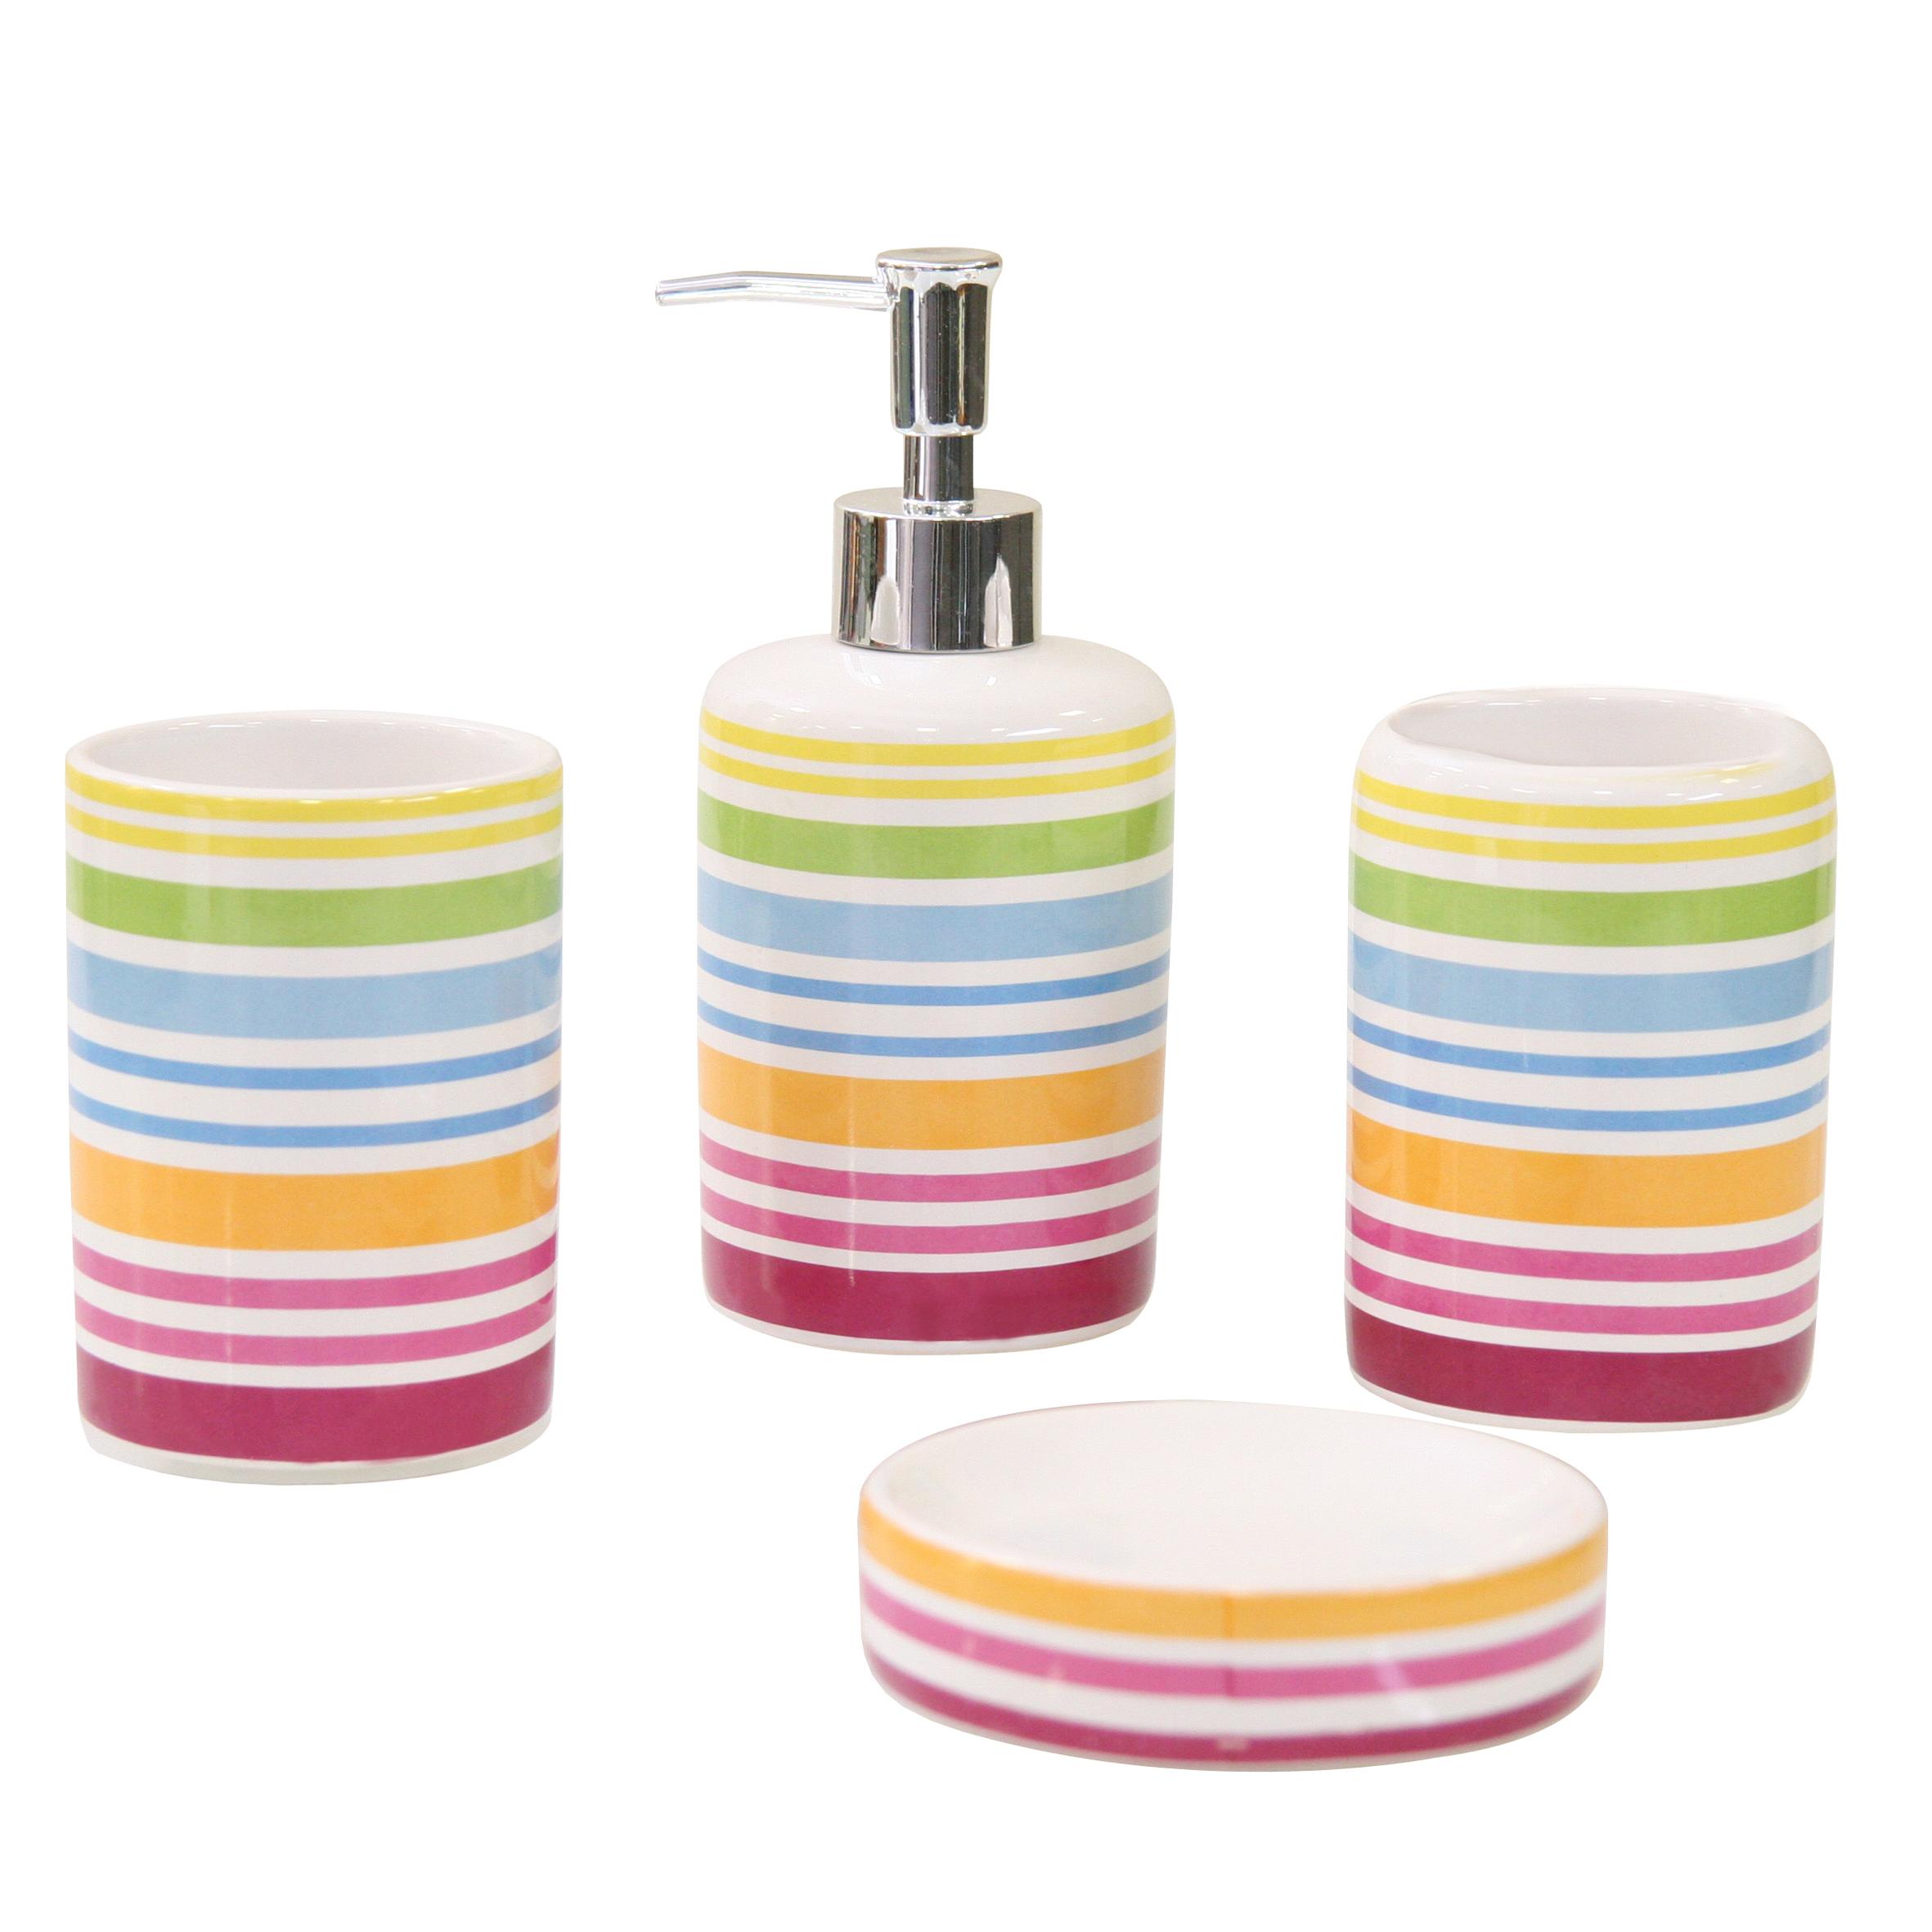 Набор для ванной комнаты Axentia Rio, 4 предмета282460Набор для ванной комнаты Axentia Rio, выполнен из натуральной и элегантной керамики, состоит из стакана для зубных щеток, дозатора для жидкого мыла и мыльницы. Изделия декорированы яркими полосками.Аксессуары, входящие в набор Axentia Rio, выполняют не только практическую, но и декоративную функцию. Они способны внести в помещение изысканность, сделать пребывание в нем приятным и даже незабываемым.